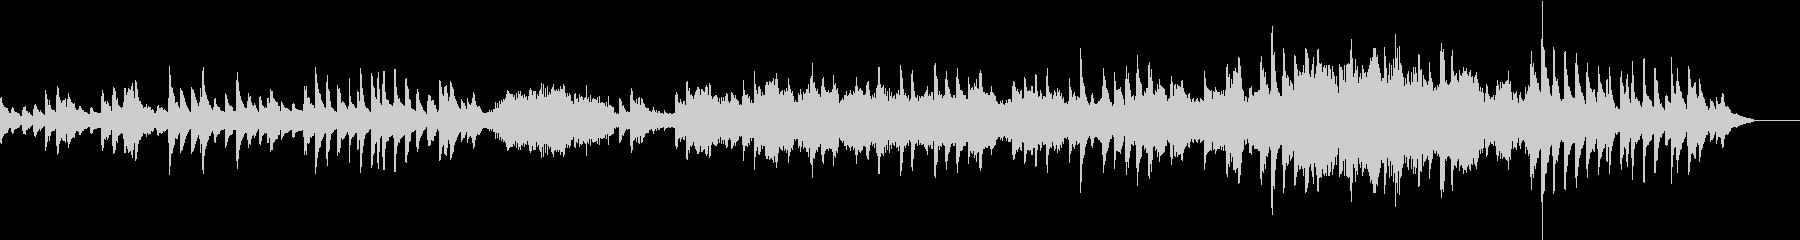 有名歌曲 オンブラマイフ バイオリンの未再生の波形